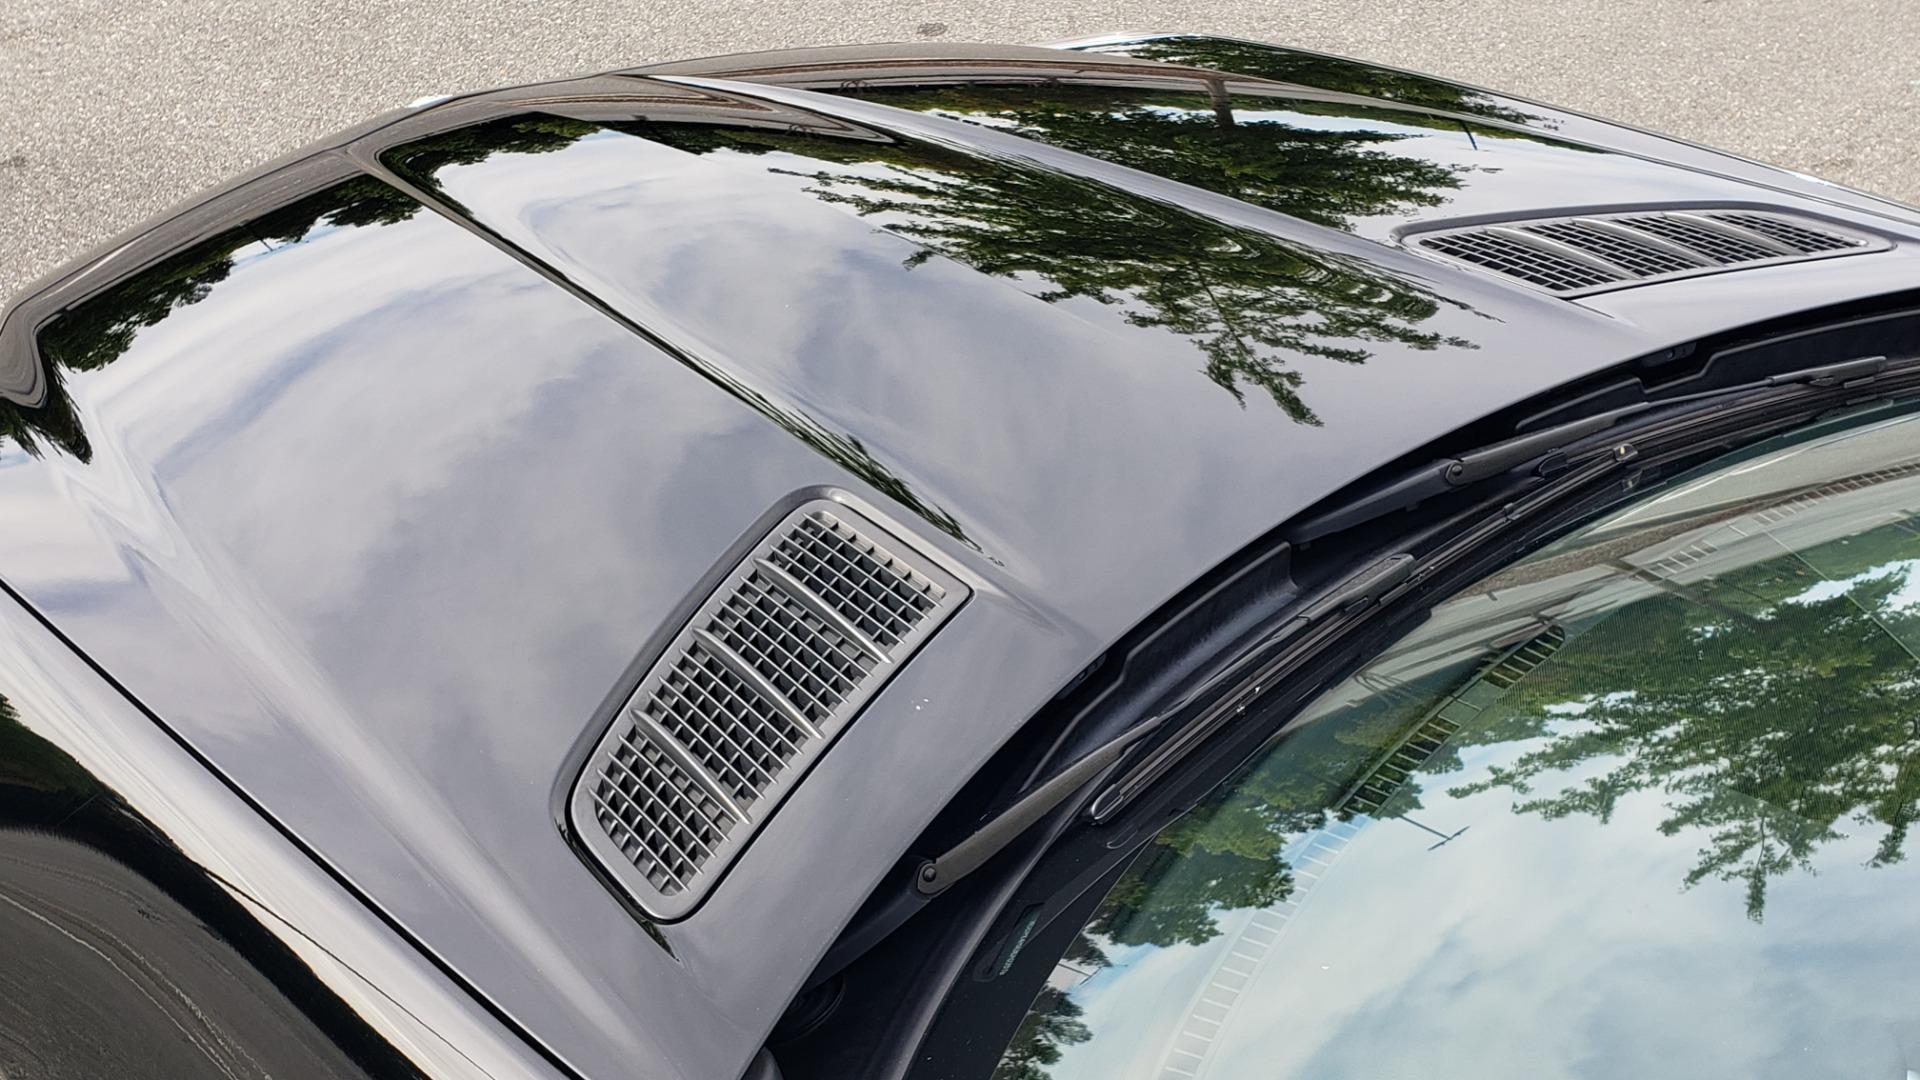 Used 2012 Mercedes-Benz SLK-CLASS SLK 250 ROADSTER / PREM 1 PKG / COMAND LAUNCH PKG / 7-SPD AUTO for sale $24,995 at Formula Imports in Charlotte NC 28227 48